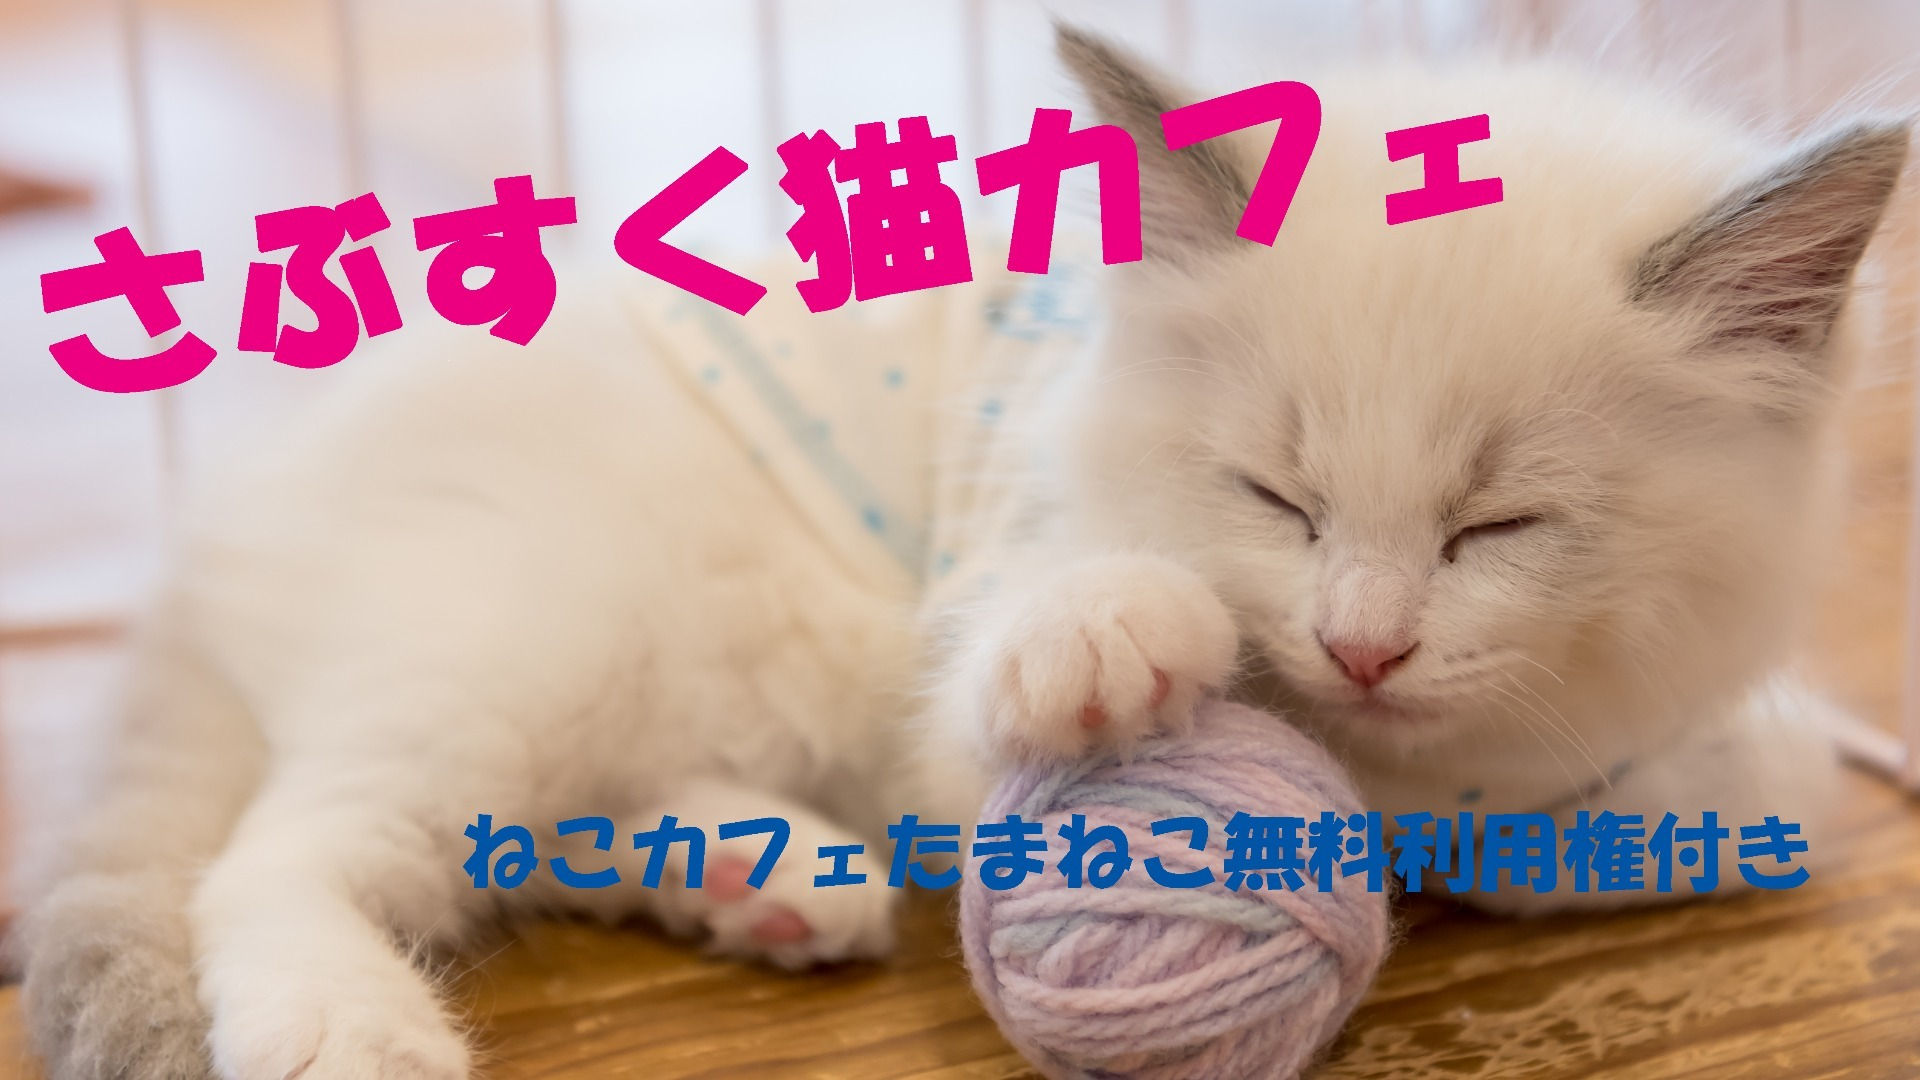 おばにゃん - さぶすく猫カフェ - DMM オンラインサロン